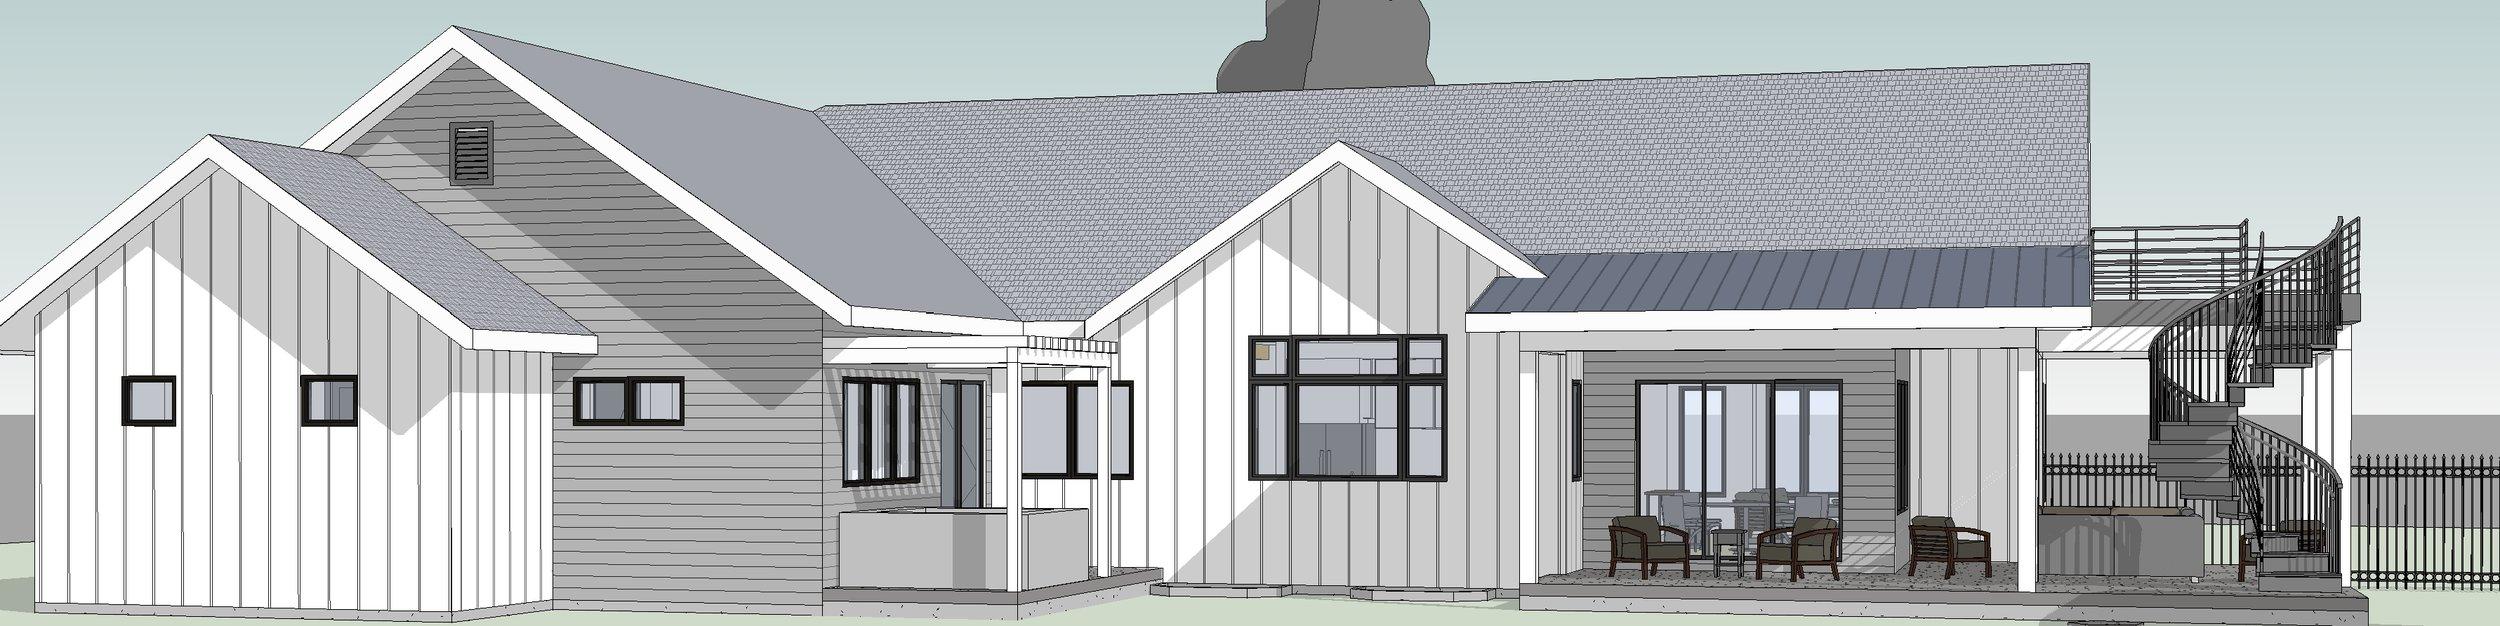 Vander Meer-Quinn Residence - 3D View - REAR.jpg